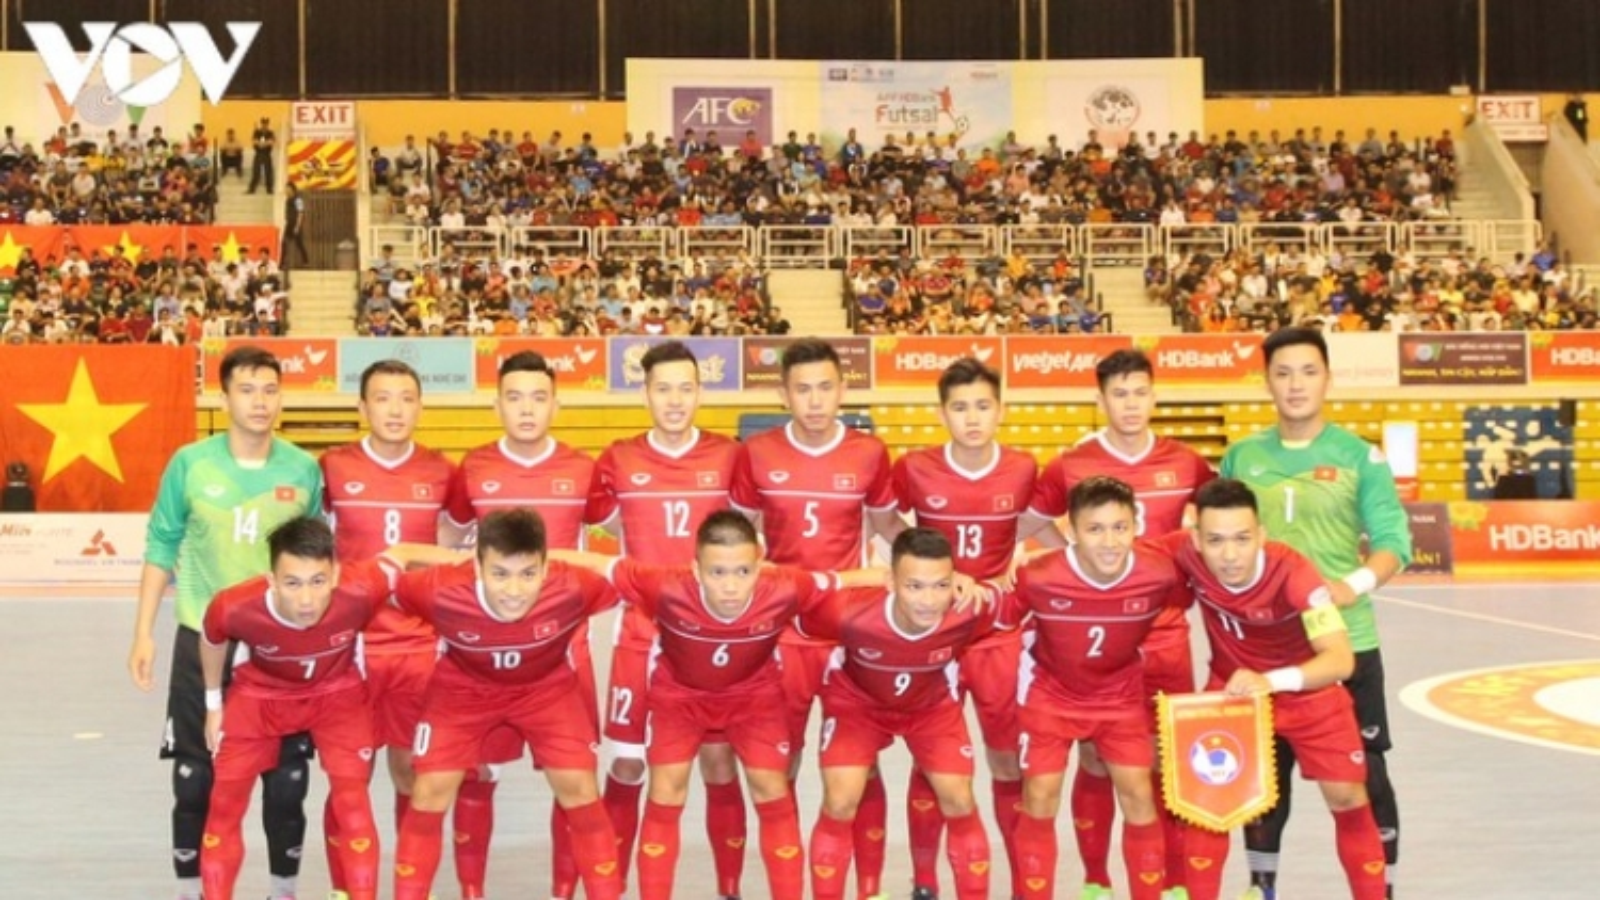 ĐT Futsal Việt Nam có thể được chọn dự World Cup nếu giải châu Á bị hủy